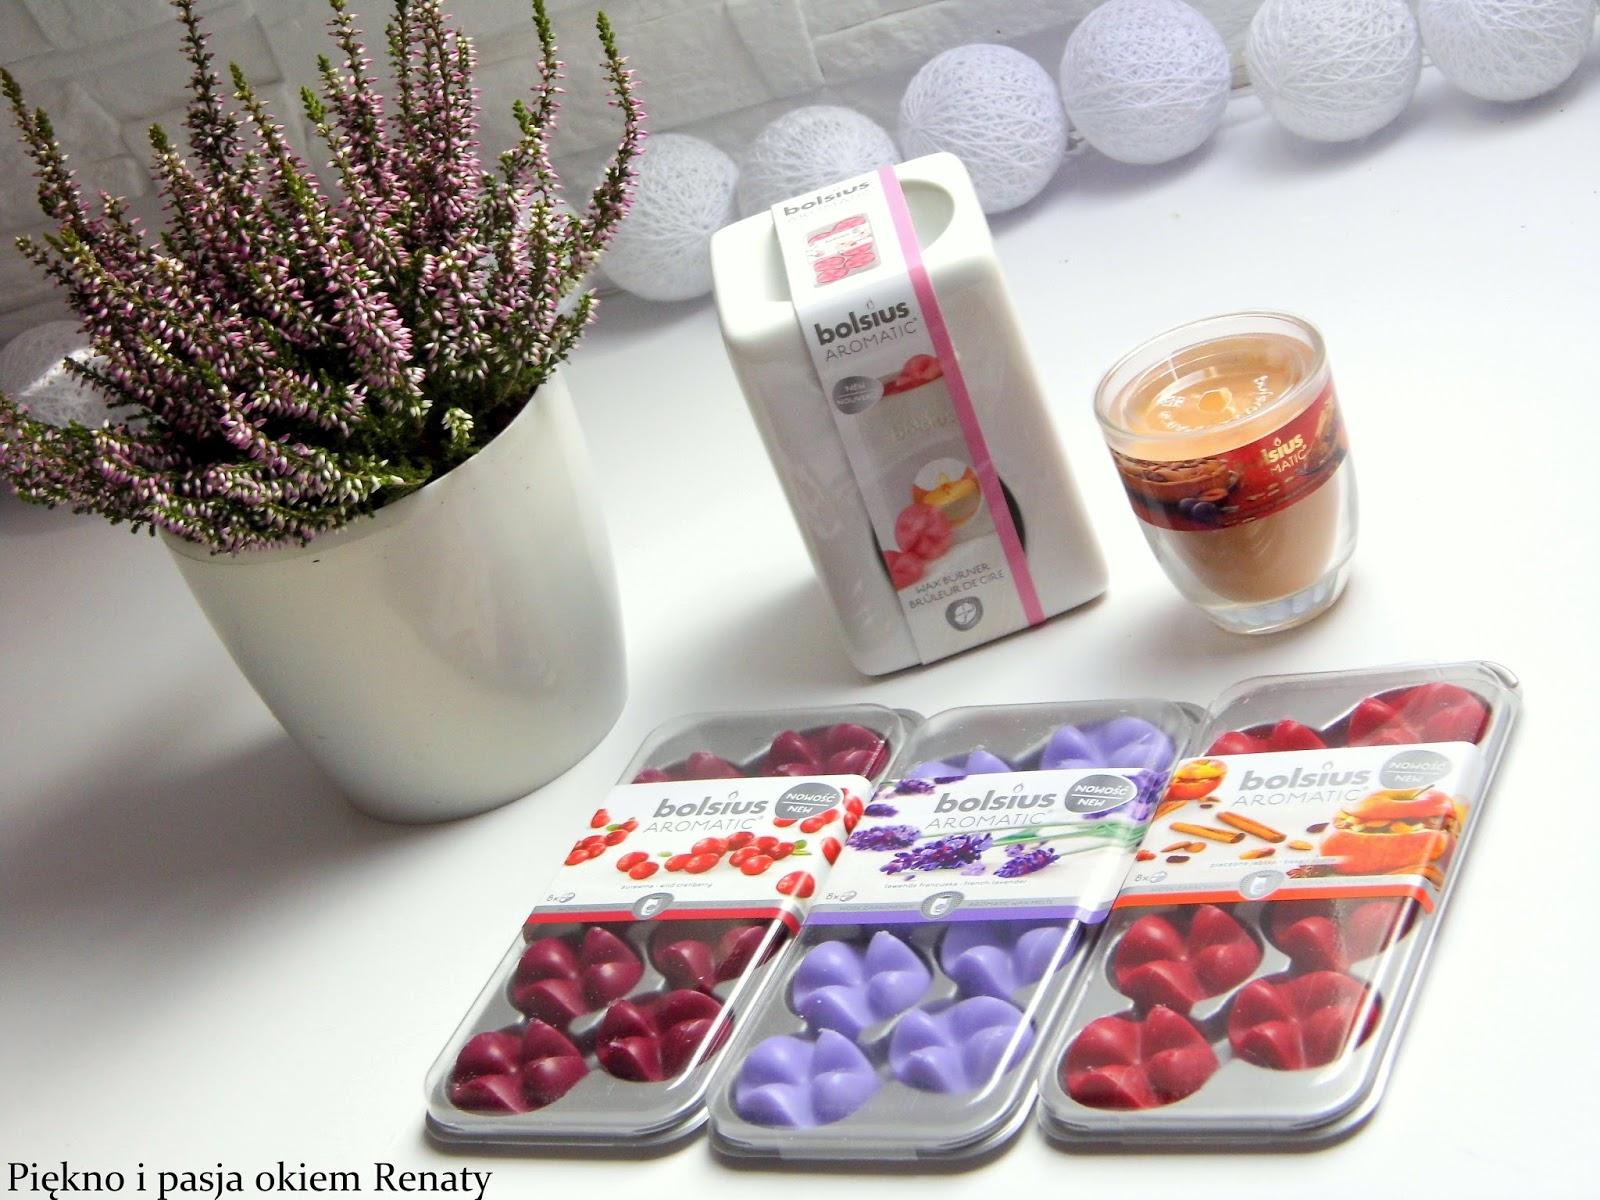 Piękne i kolorowe woski zapachowe w kształcie płatków kwiatów, które są  dostępne w ośmiu wersjach. Ja przedstawię wersję -pieczone jabłko, lawenda,  ...